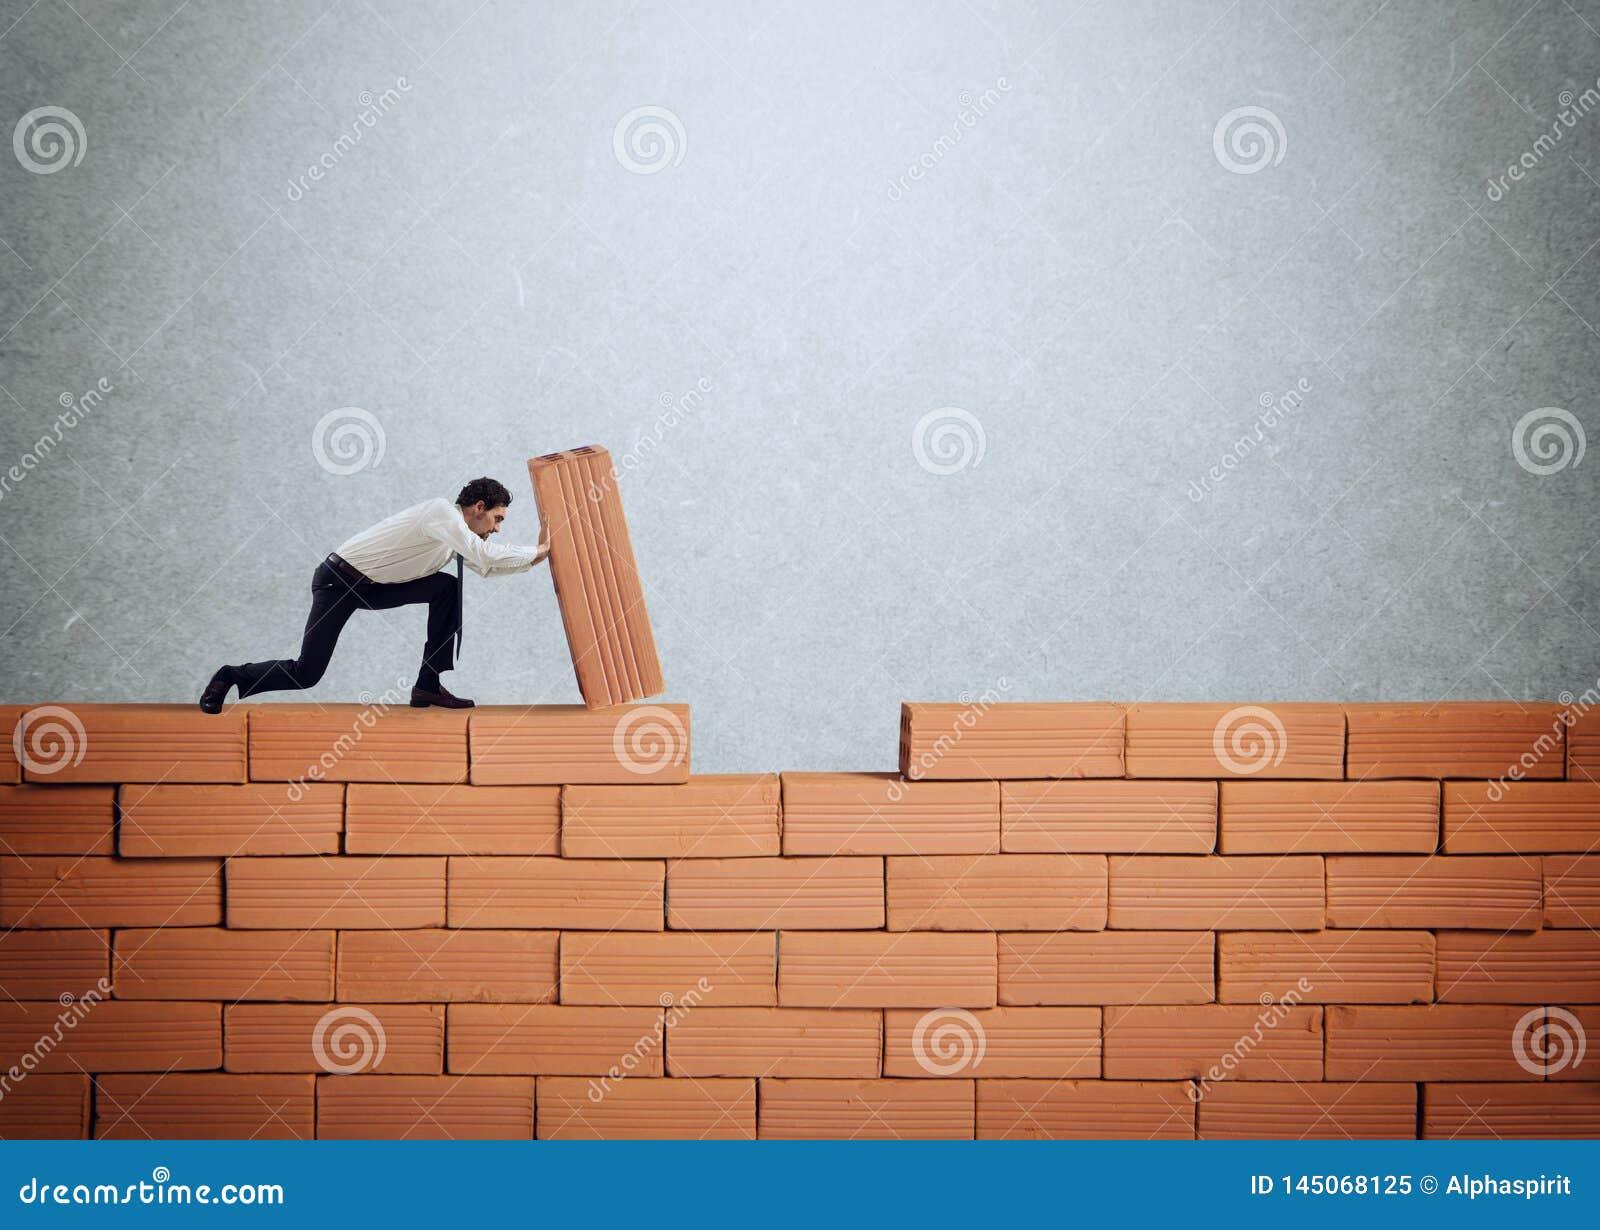 Бизнесмен кладет кирпич для построения стены Концепция новых дела, партнерства, интеграции и запуска